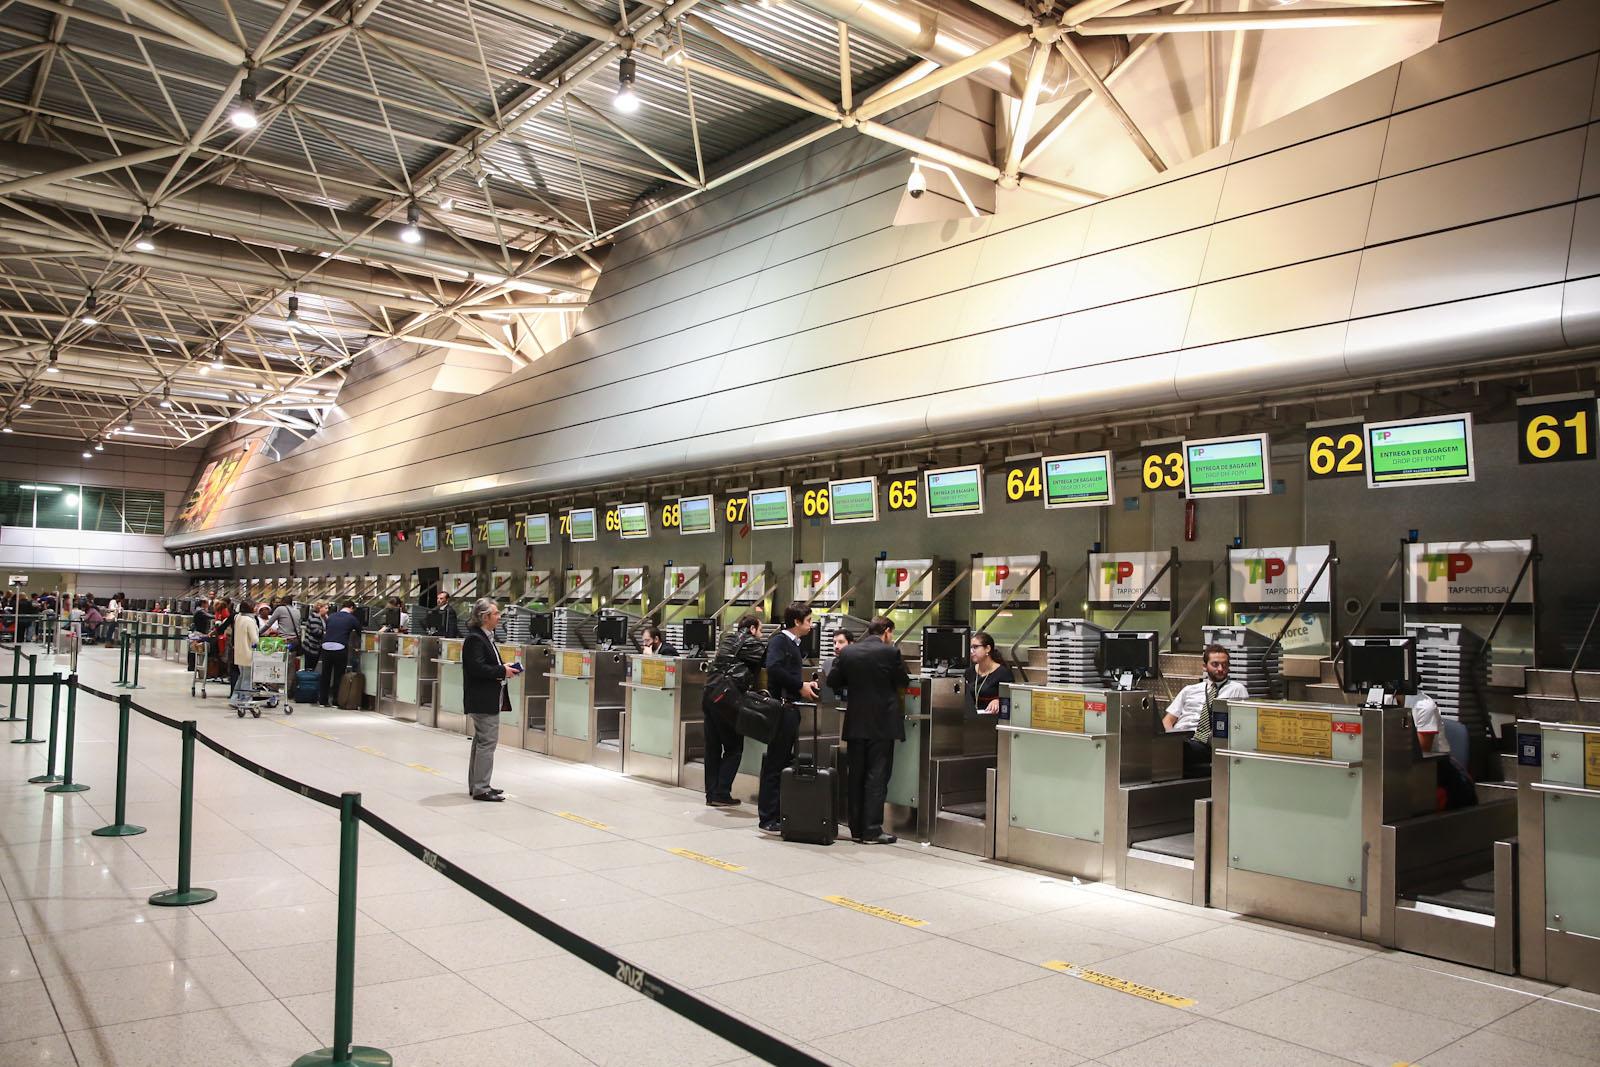 Стойки регистрации в терминале 1 аэропорта Лиссабон Портела